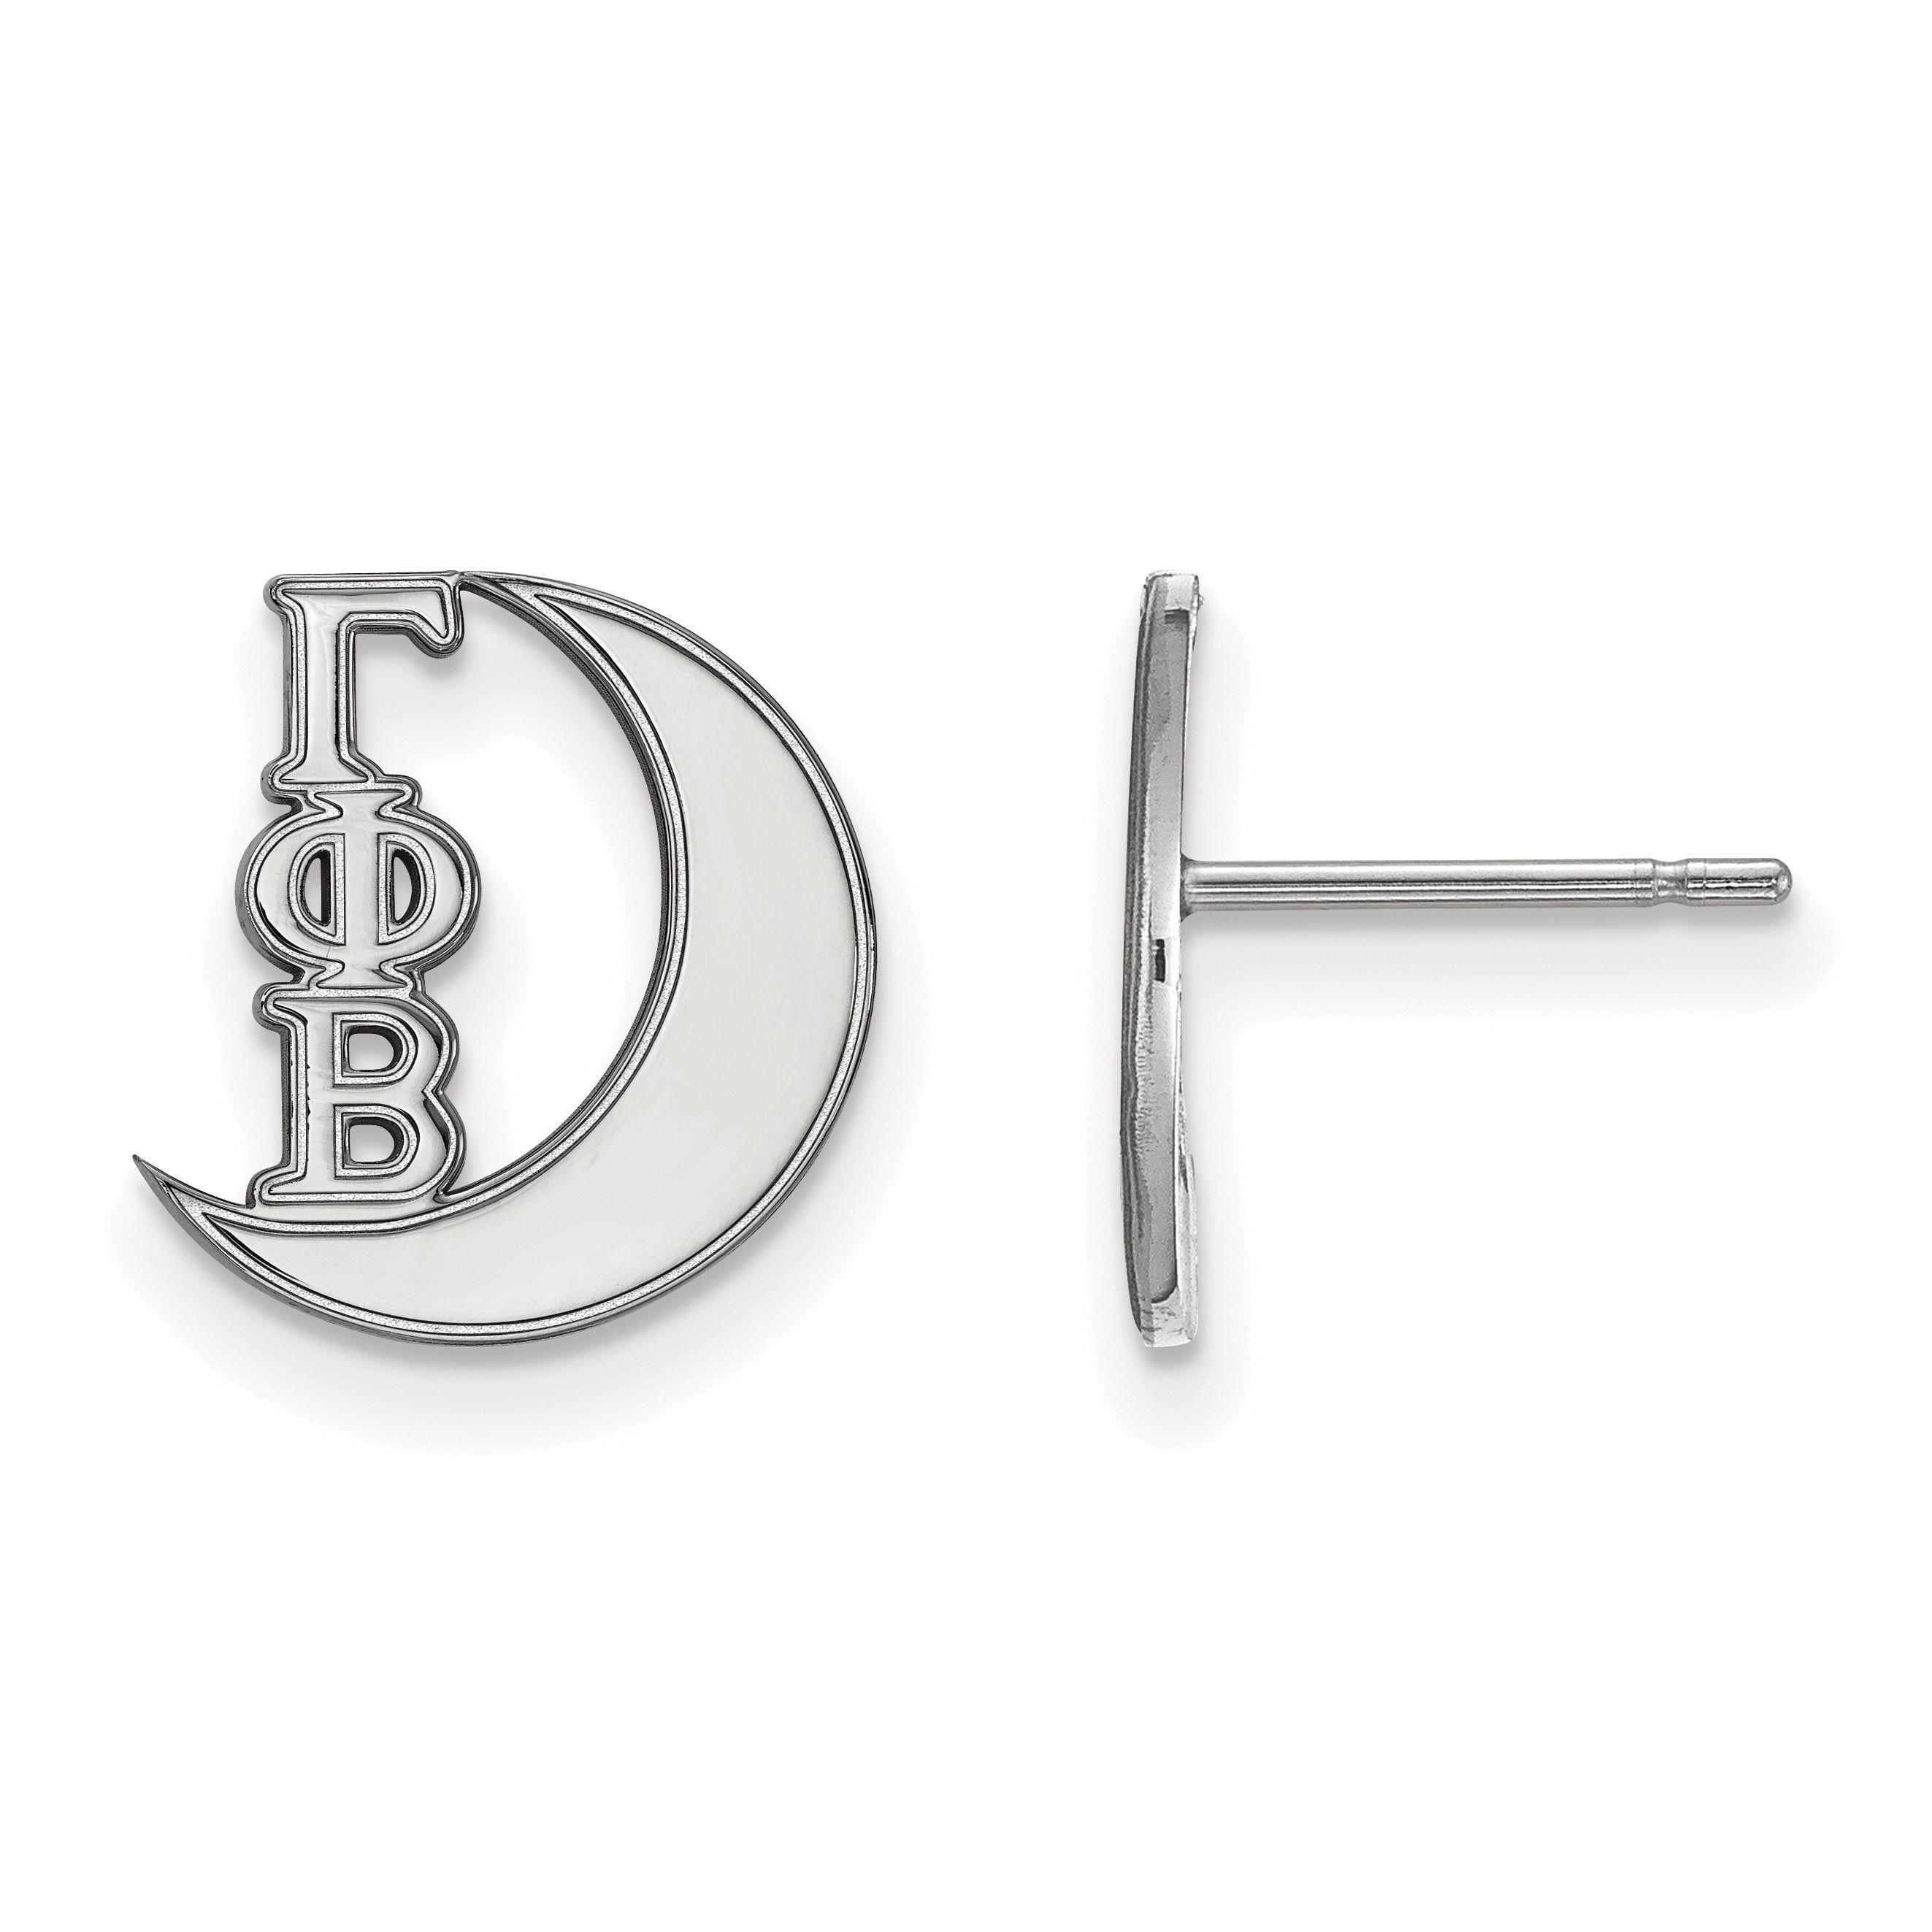 LogoArt SS Gamma Phi Beta Post Earring